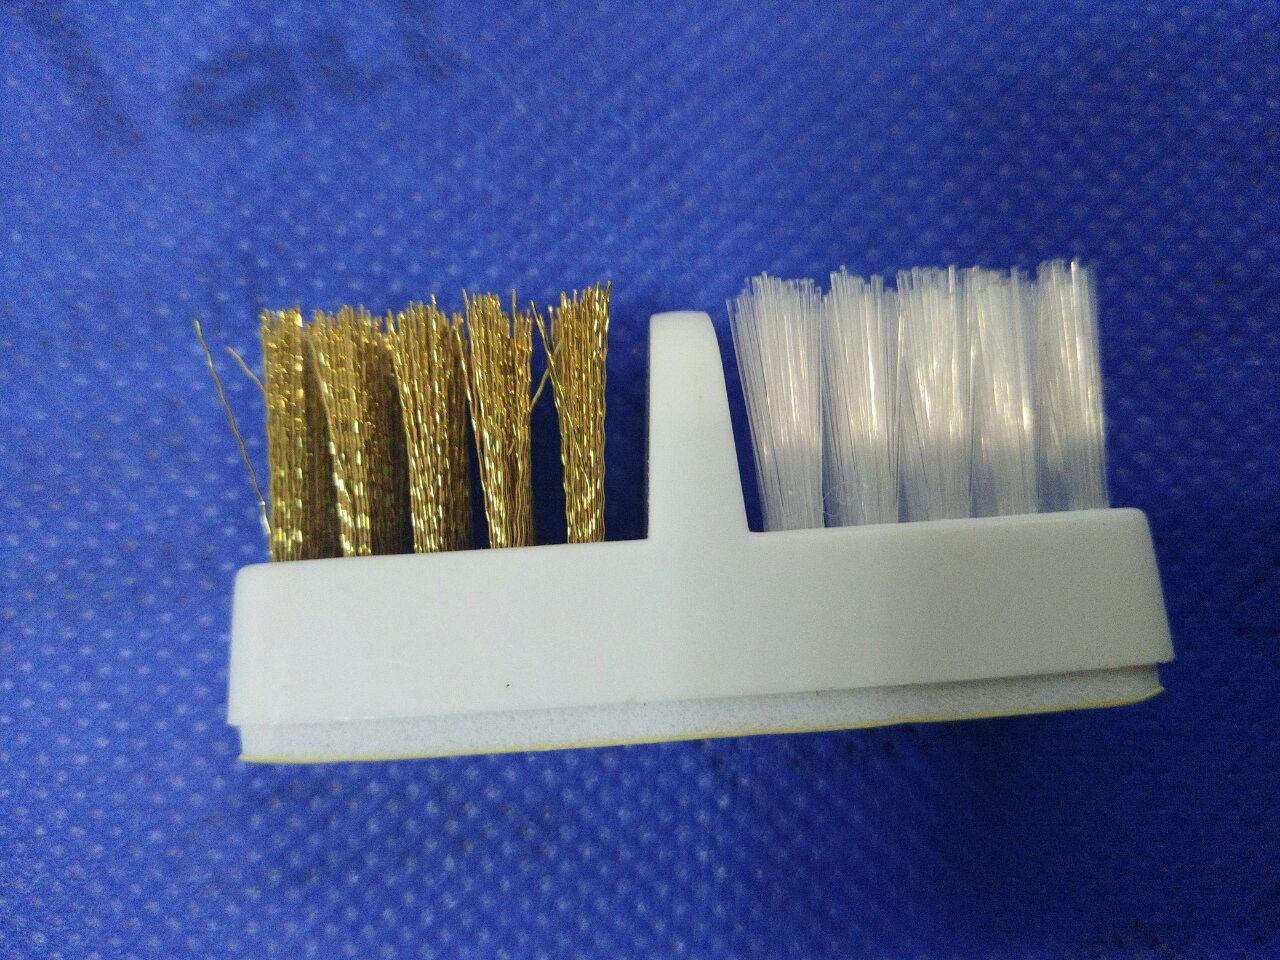 Щетка для чистки насадок и фрез для фрезера